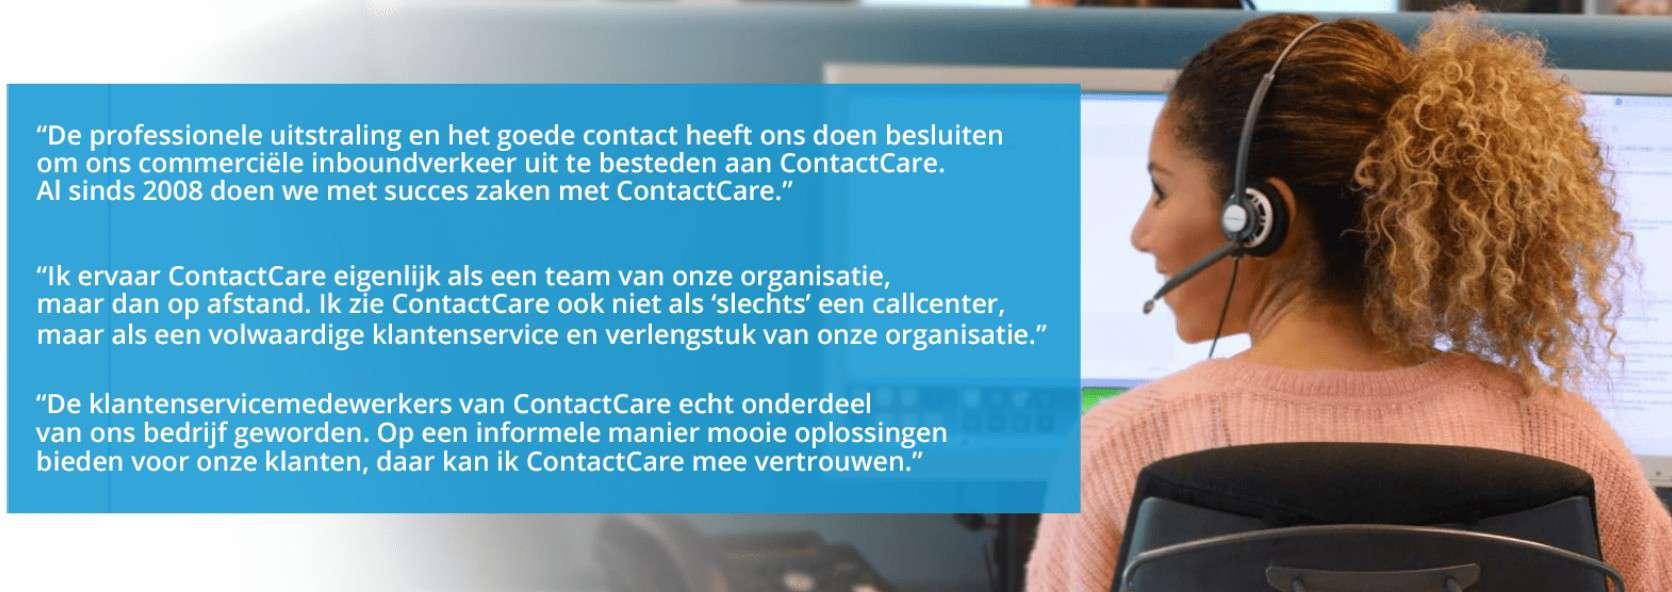 Ervaringen van klanten over ContactCare